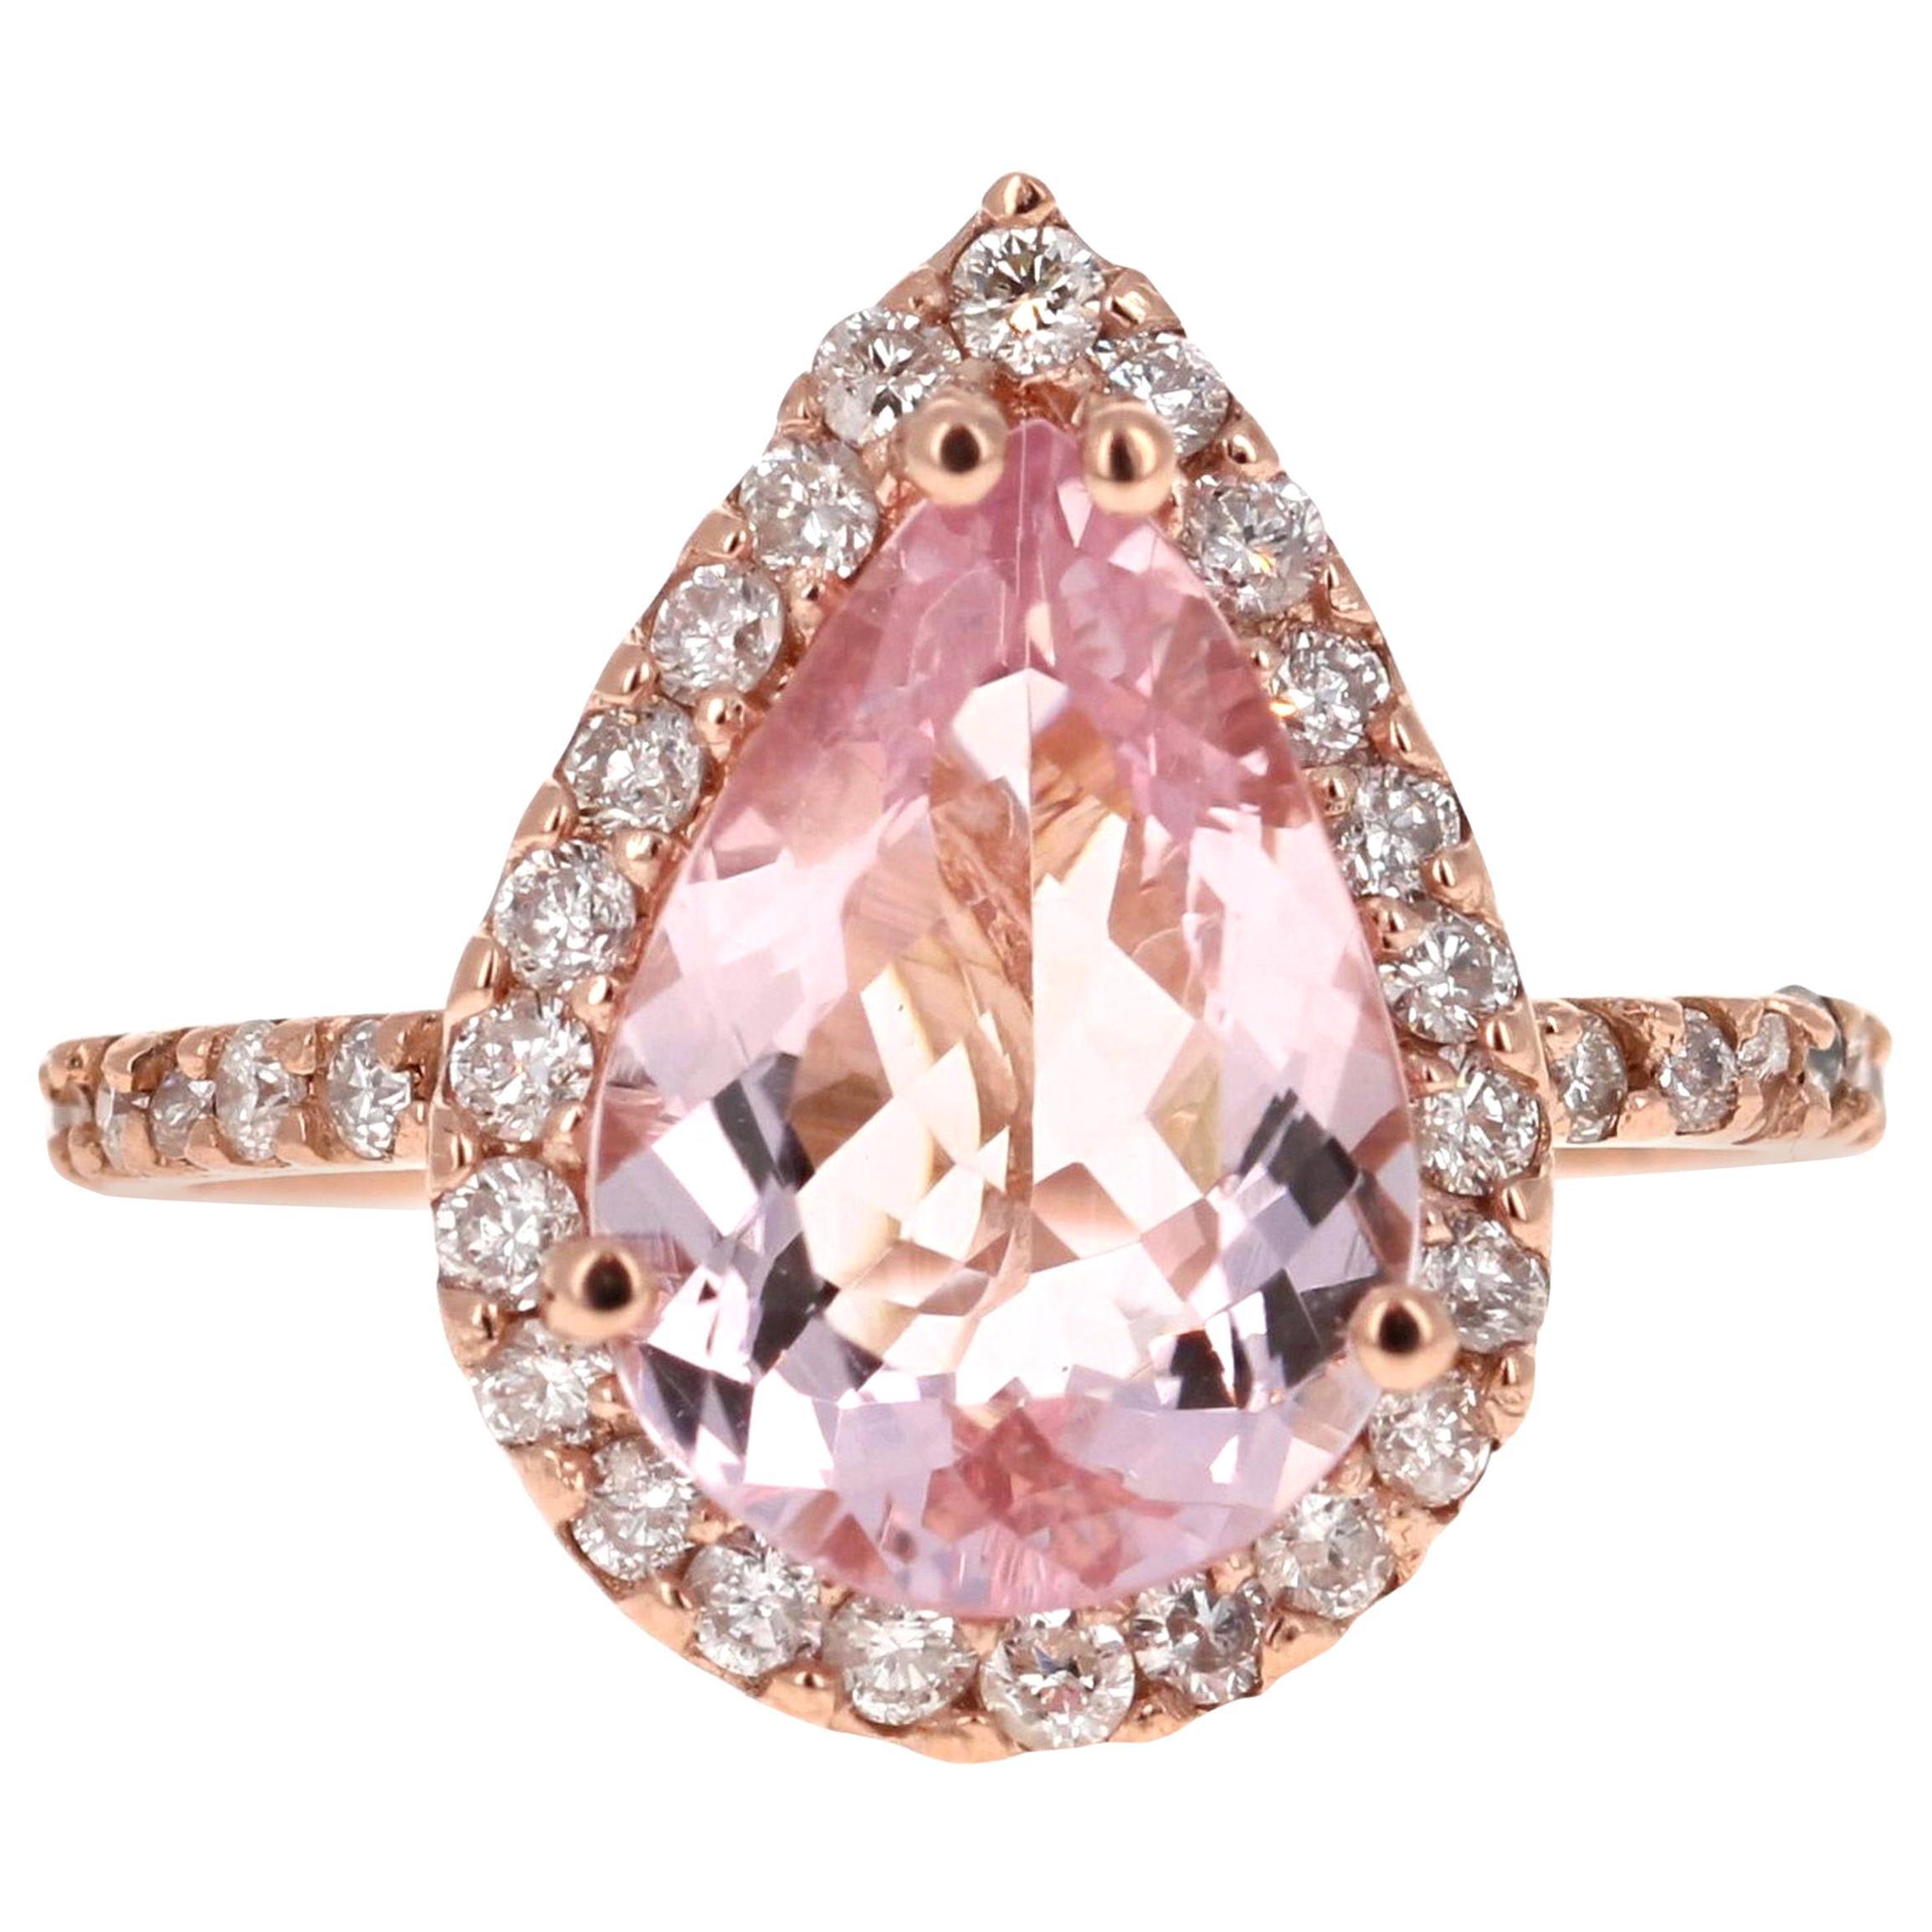 3.61 Carat Morganite Diamond 14 Karat Rose Gold Engagement Ring